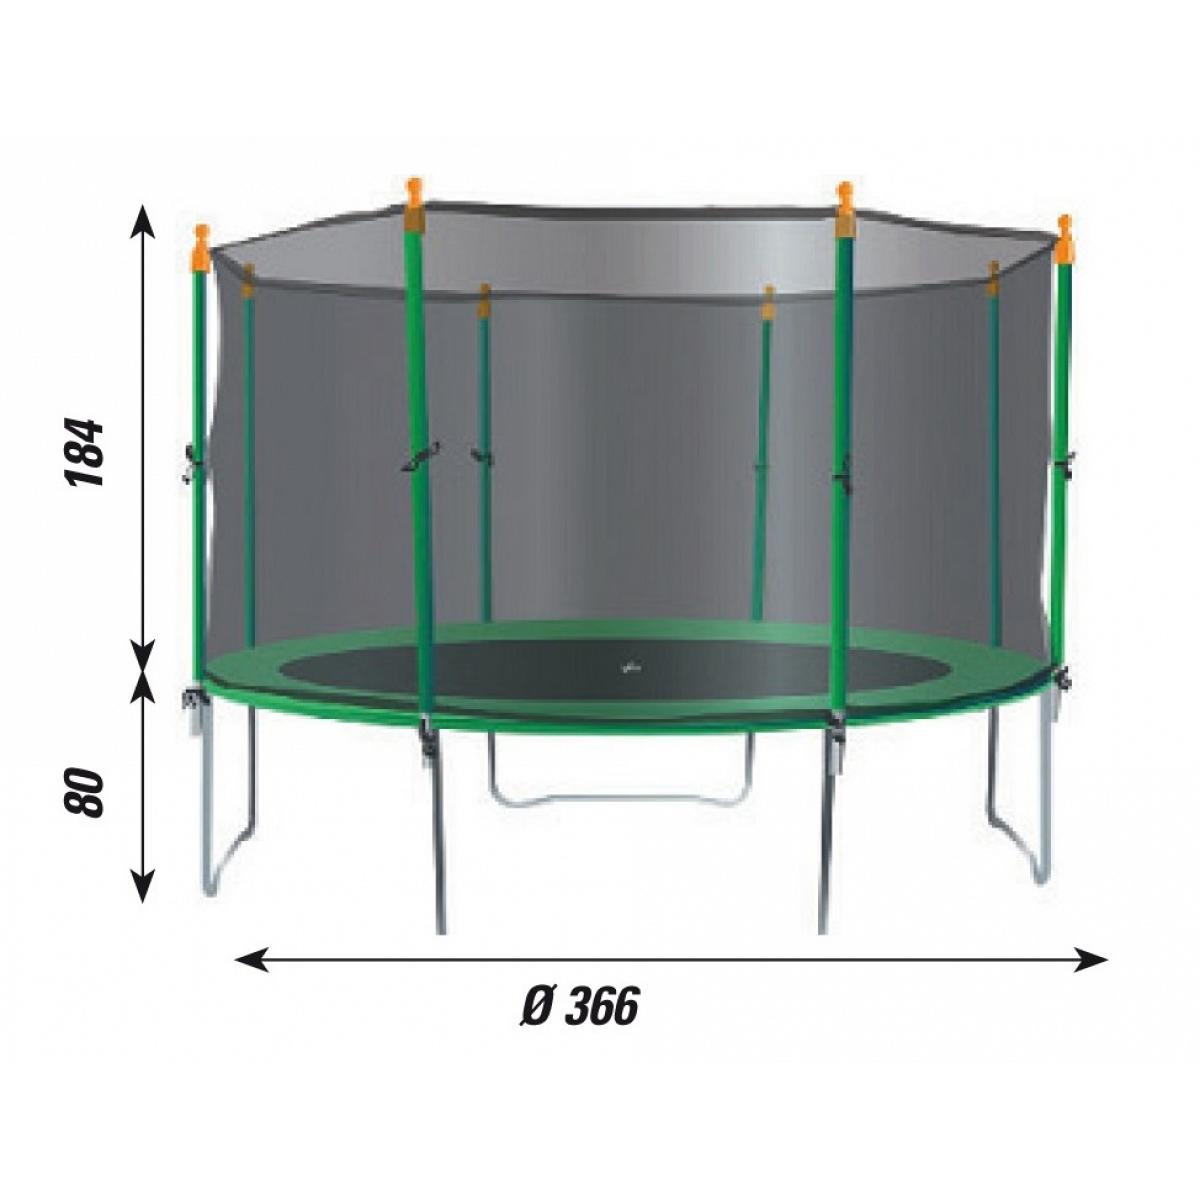 Kinder trampolin mit sicherheitsnetz verdegarden mod te370 for Gartenpool rund aufblasbar